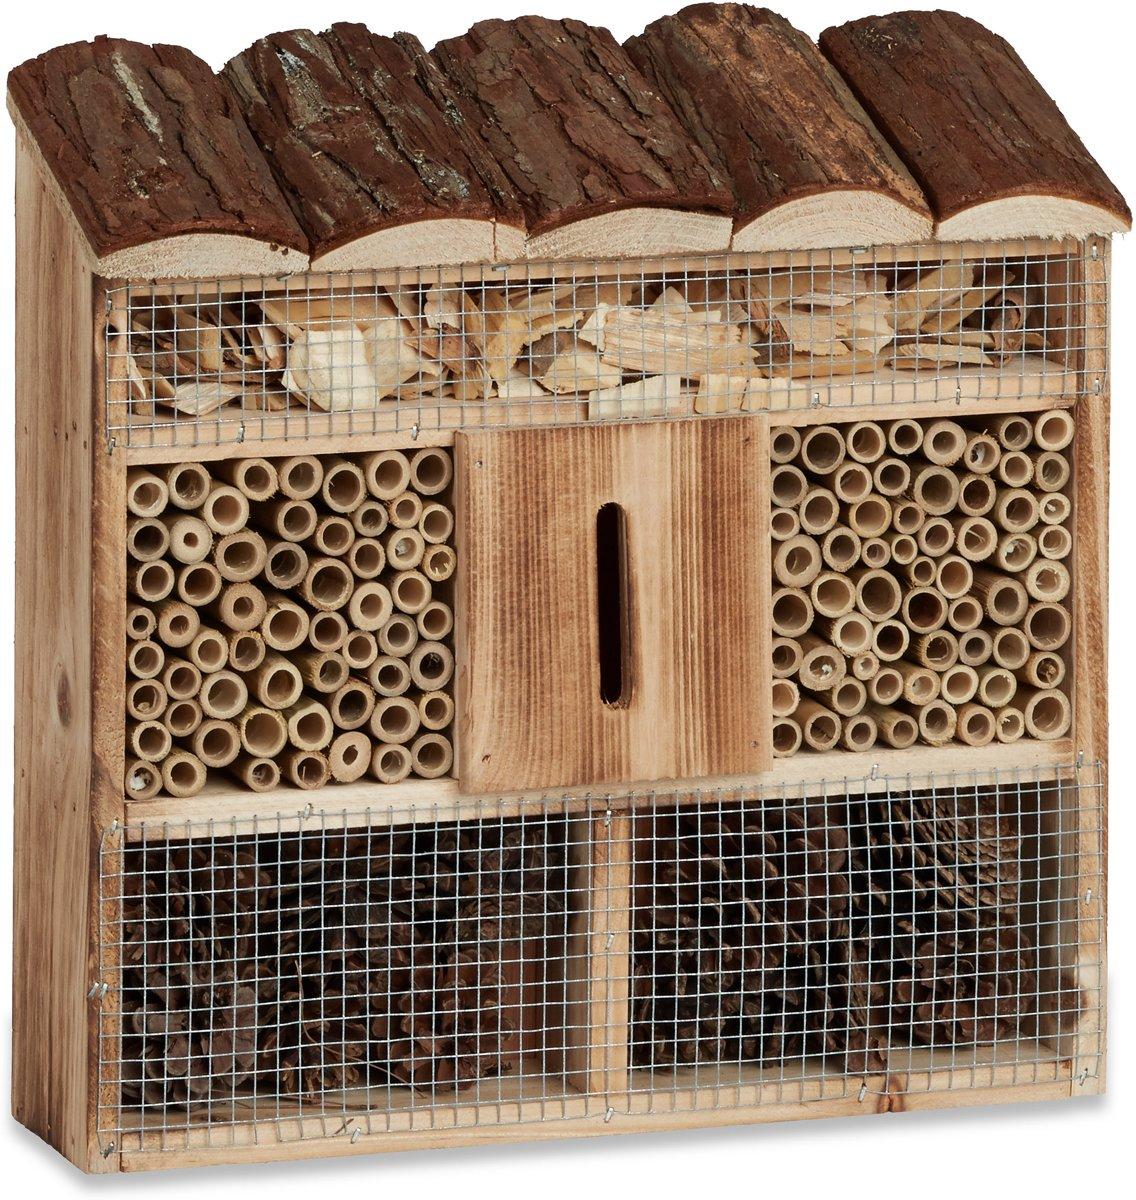 Relaxdays insectenhotel om op te hangen, insectenhuis, overwinteren, nestelen kopen